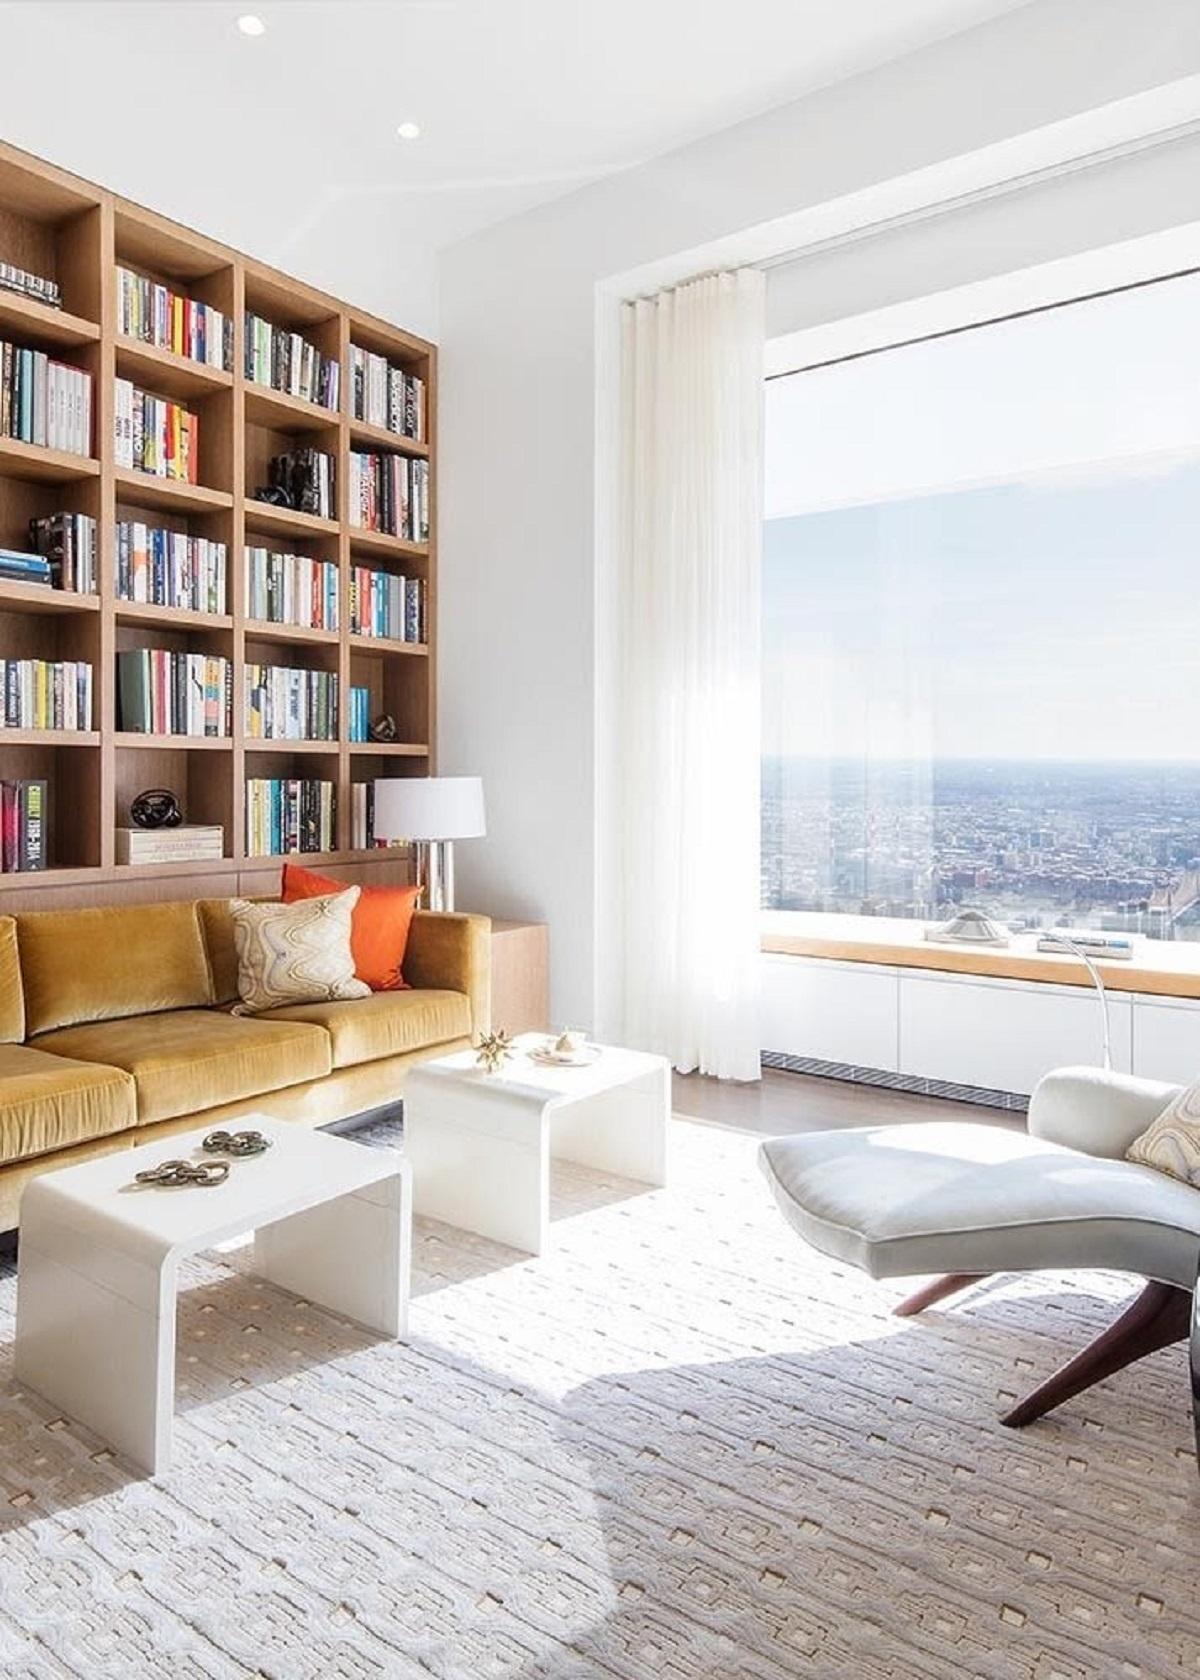 Những thiết kế penthouse hàng đầu thế giới chứng tỏ đẳng cấp và sự xa hoa của giới nhà giàu